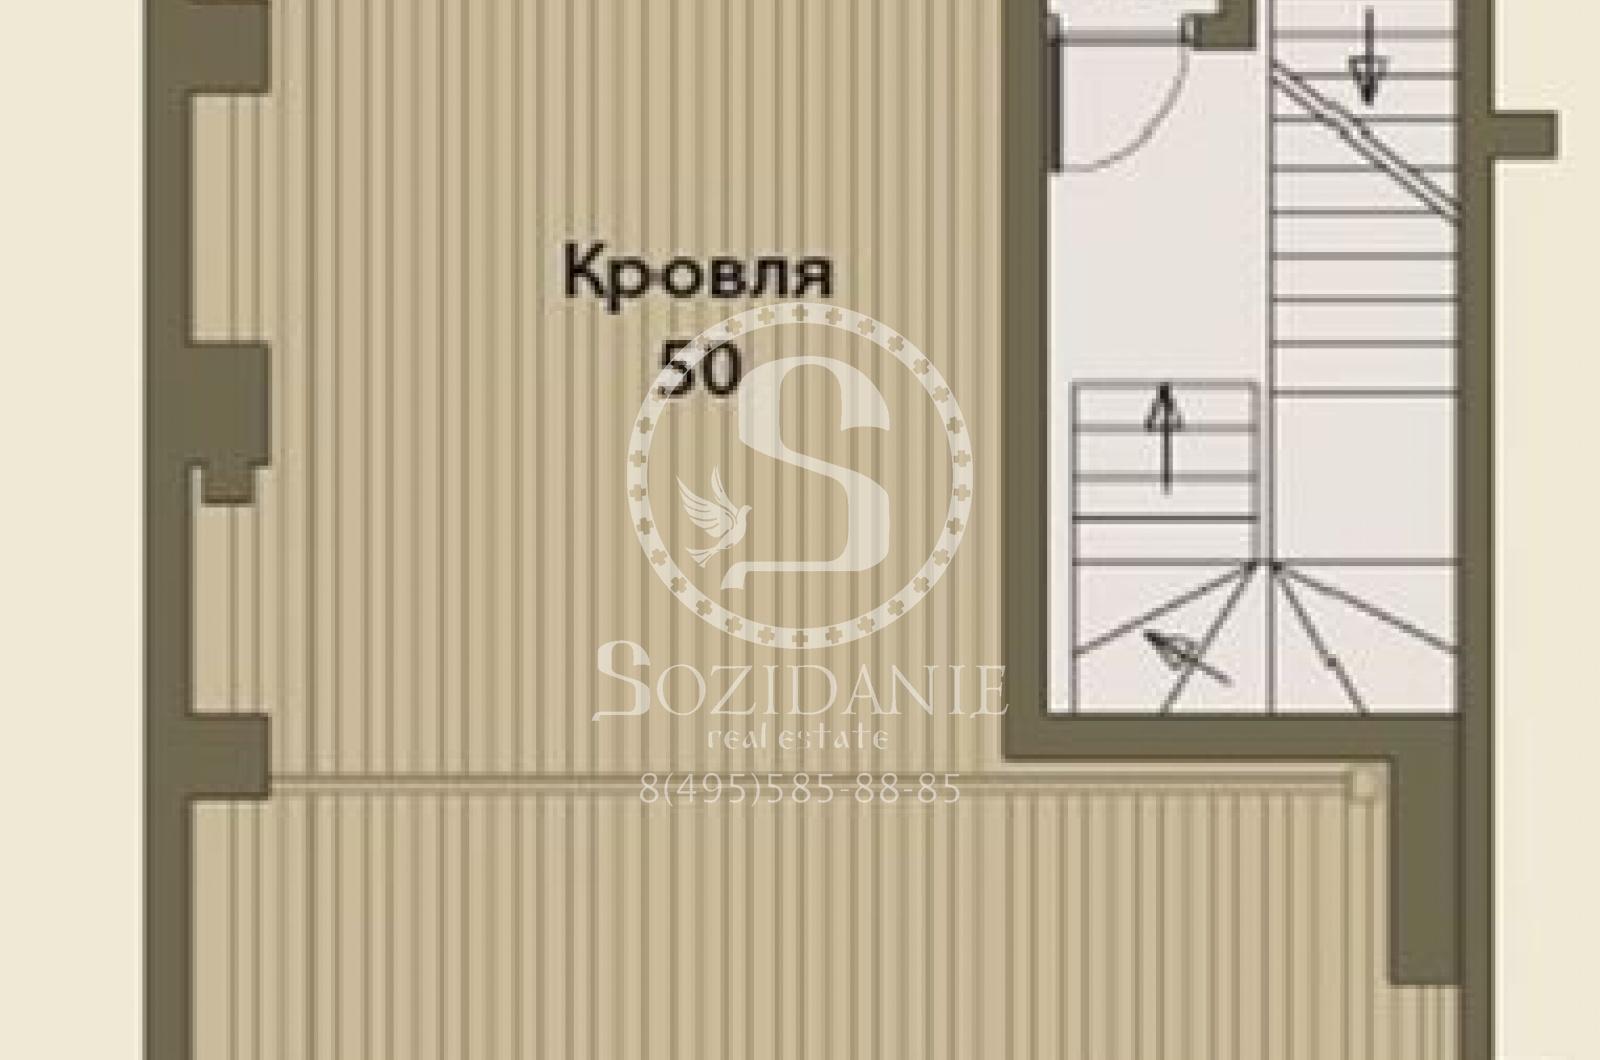 2 Bedrooms, Загородная, Продажа, Listing ID 3499, Московская область, Россия,